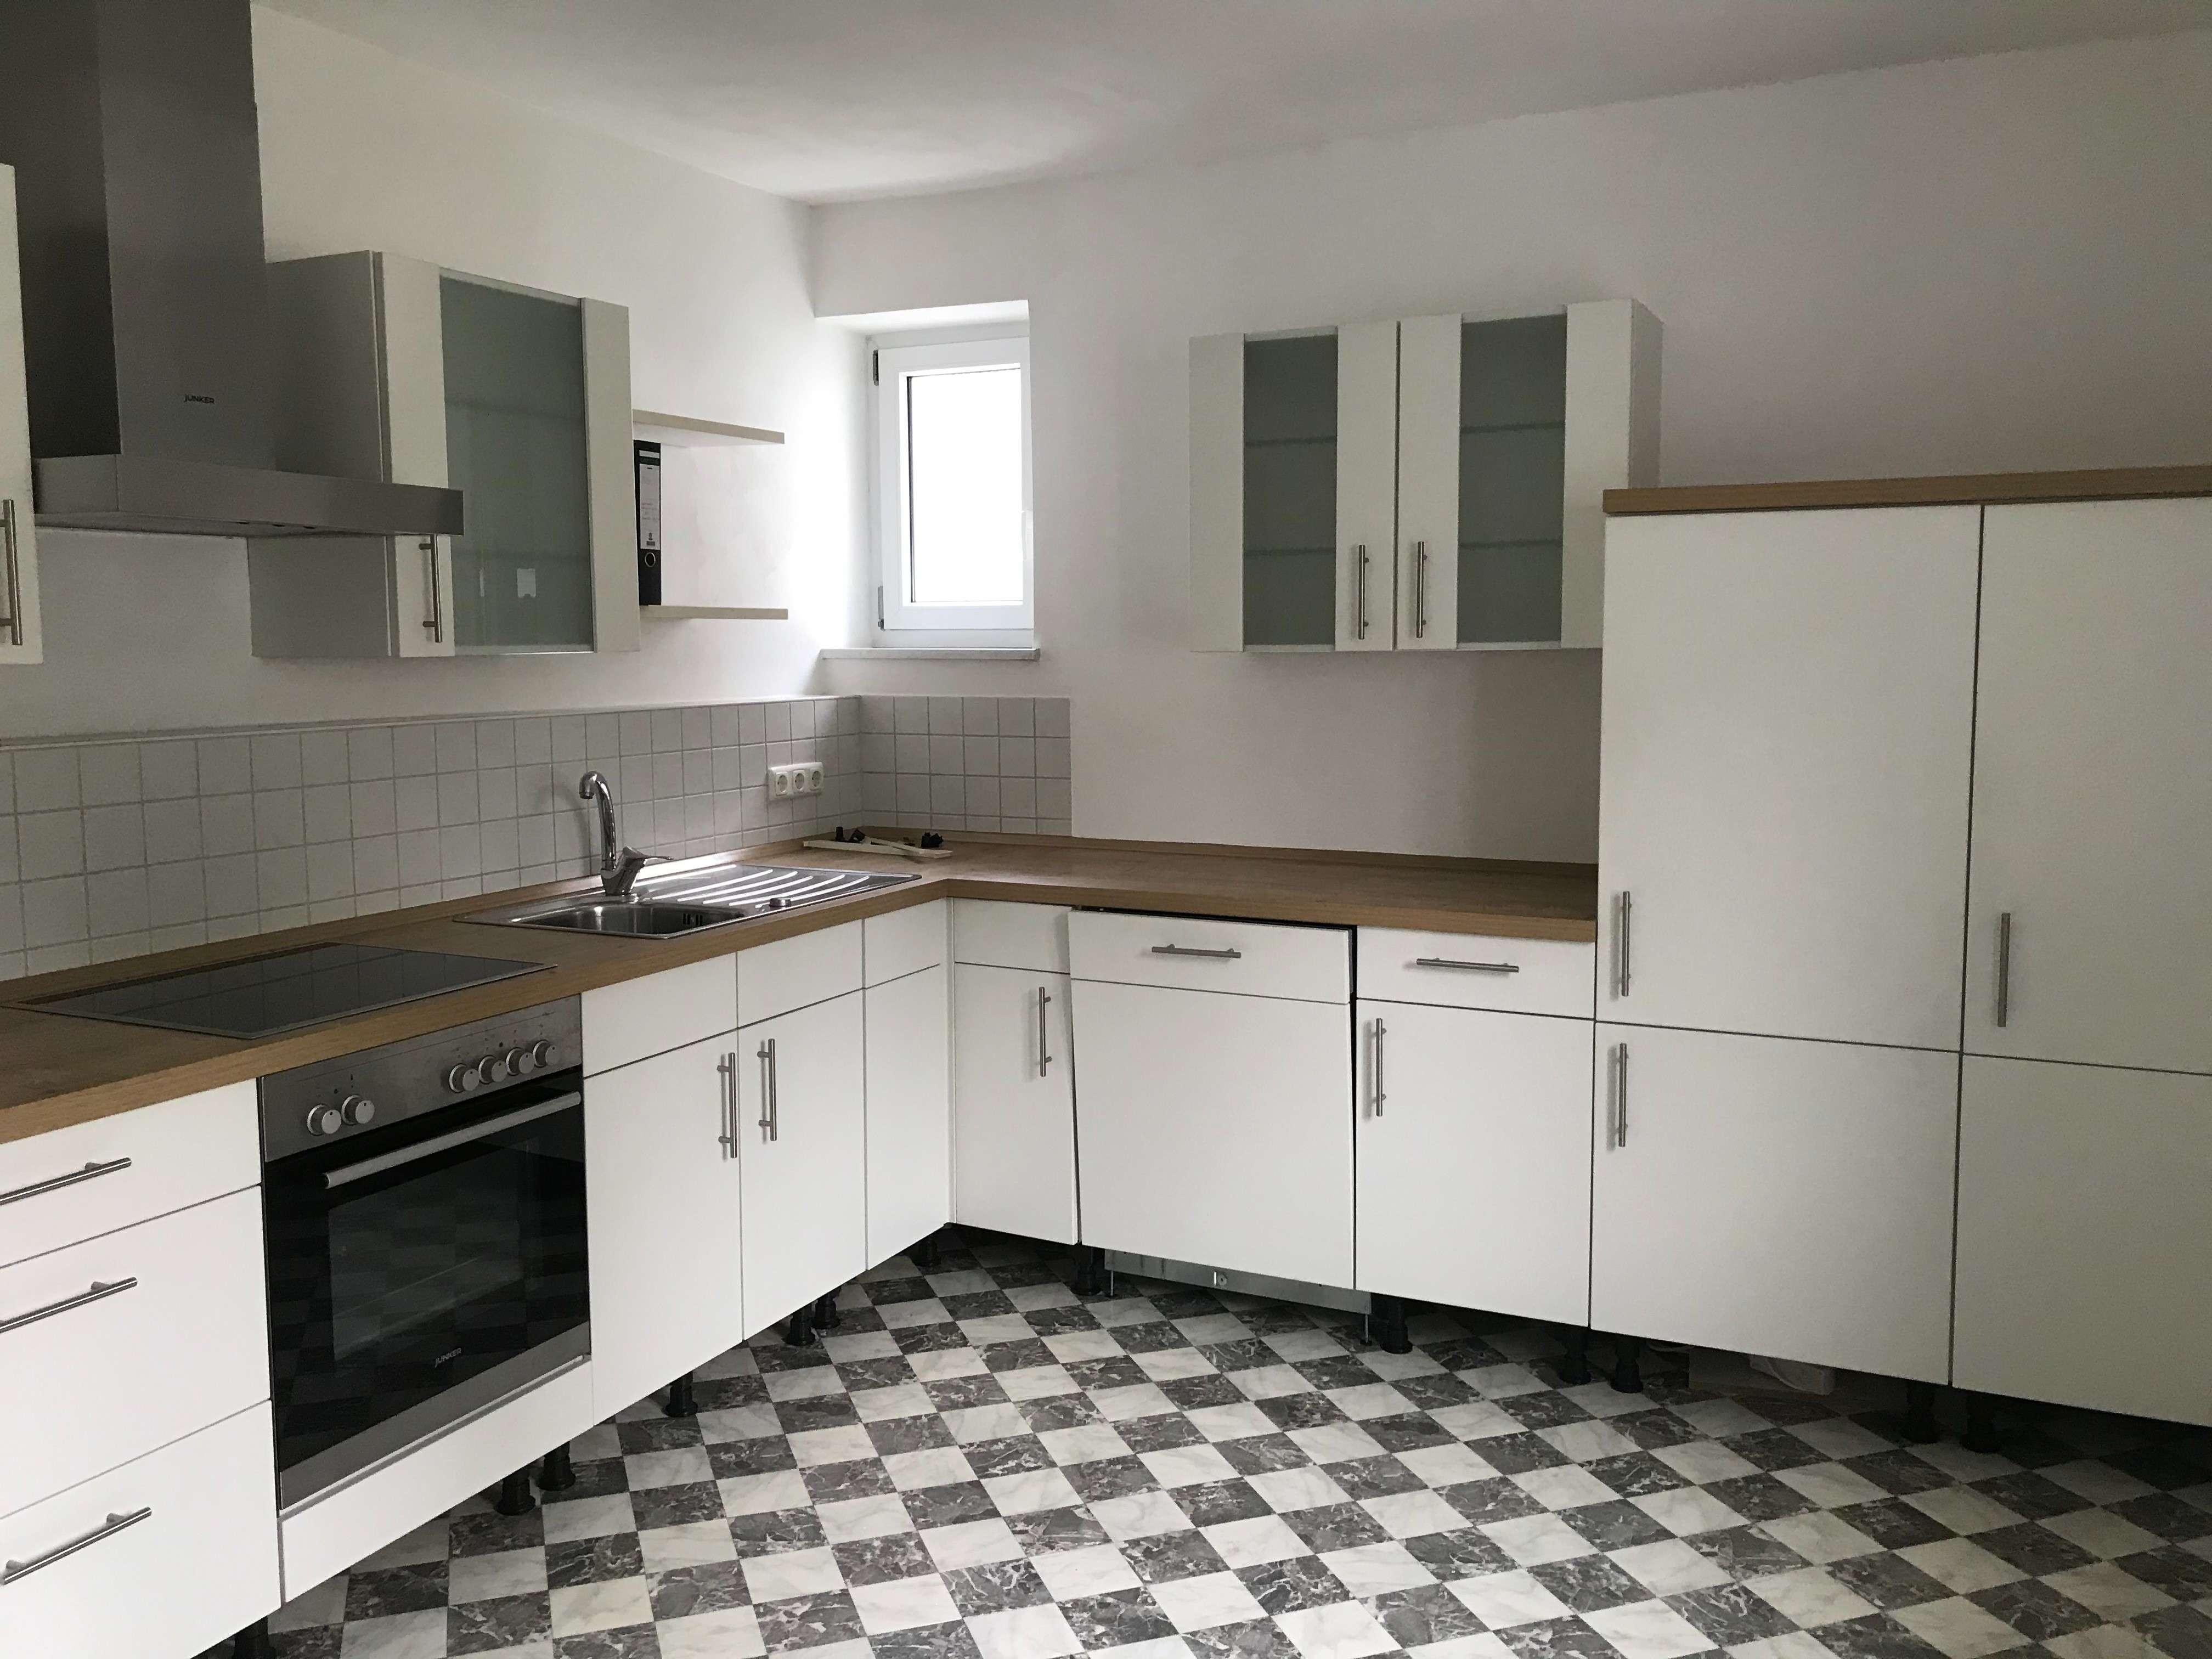 Ruhige Lage, helle schöne Wohnung mit Terrasse und Stellplatz in Kumpfmühl-Ziegetsdorf-Neuprüll (Regensburg)